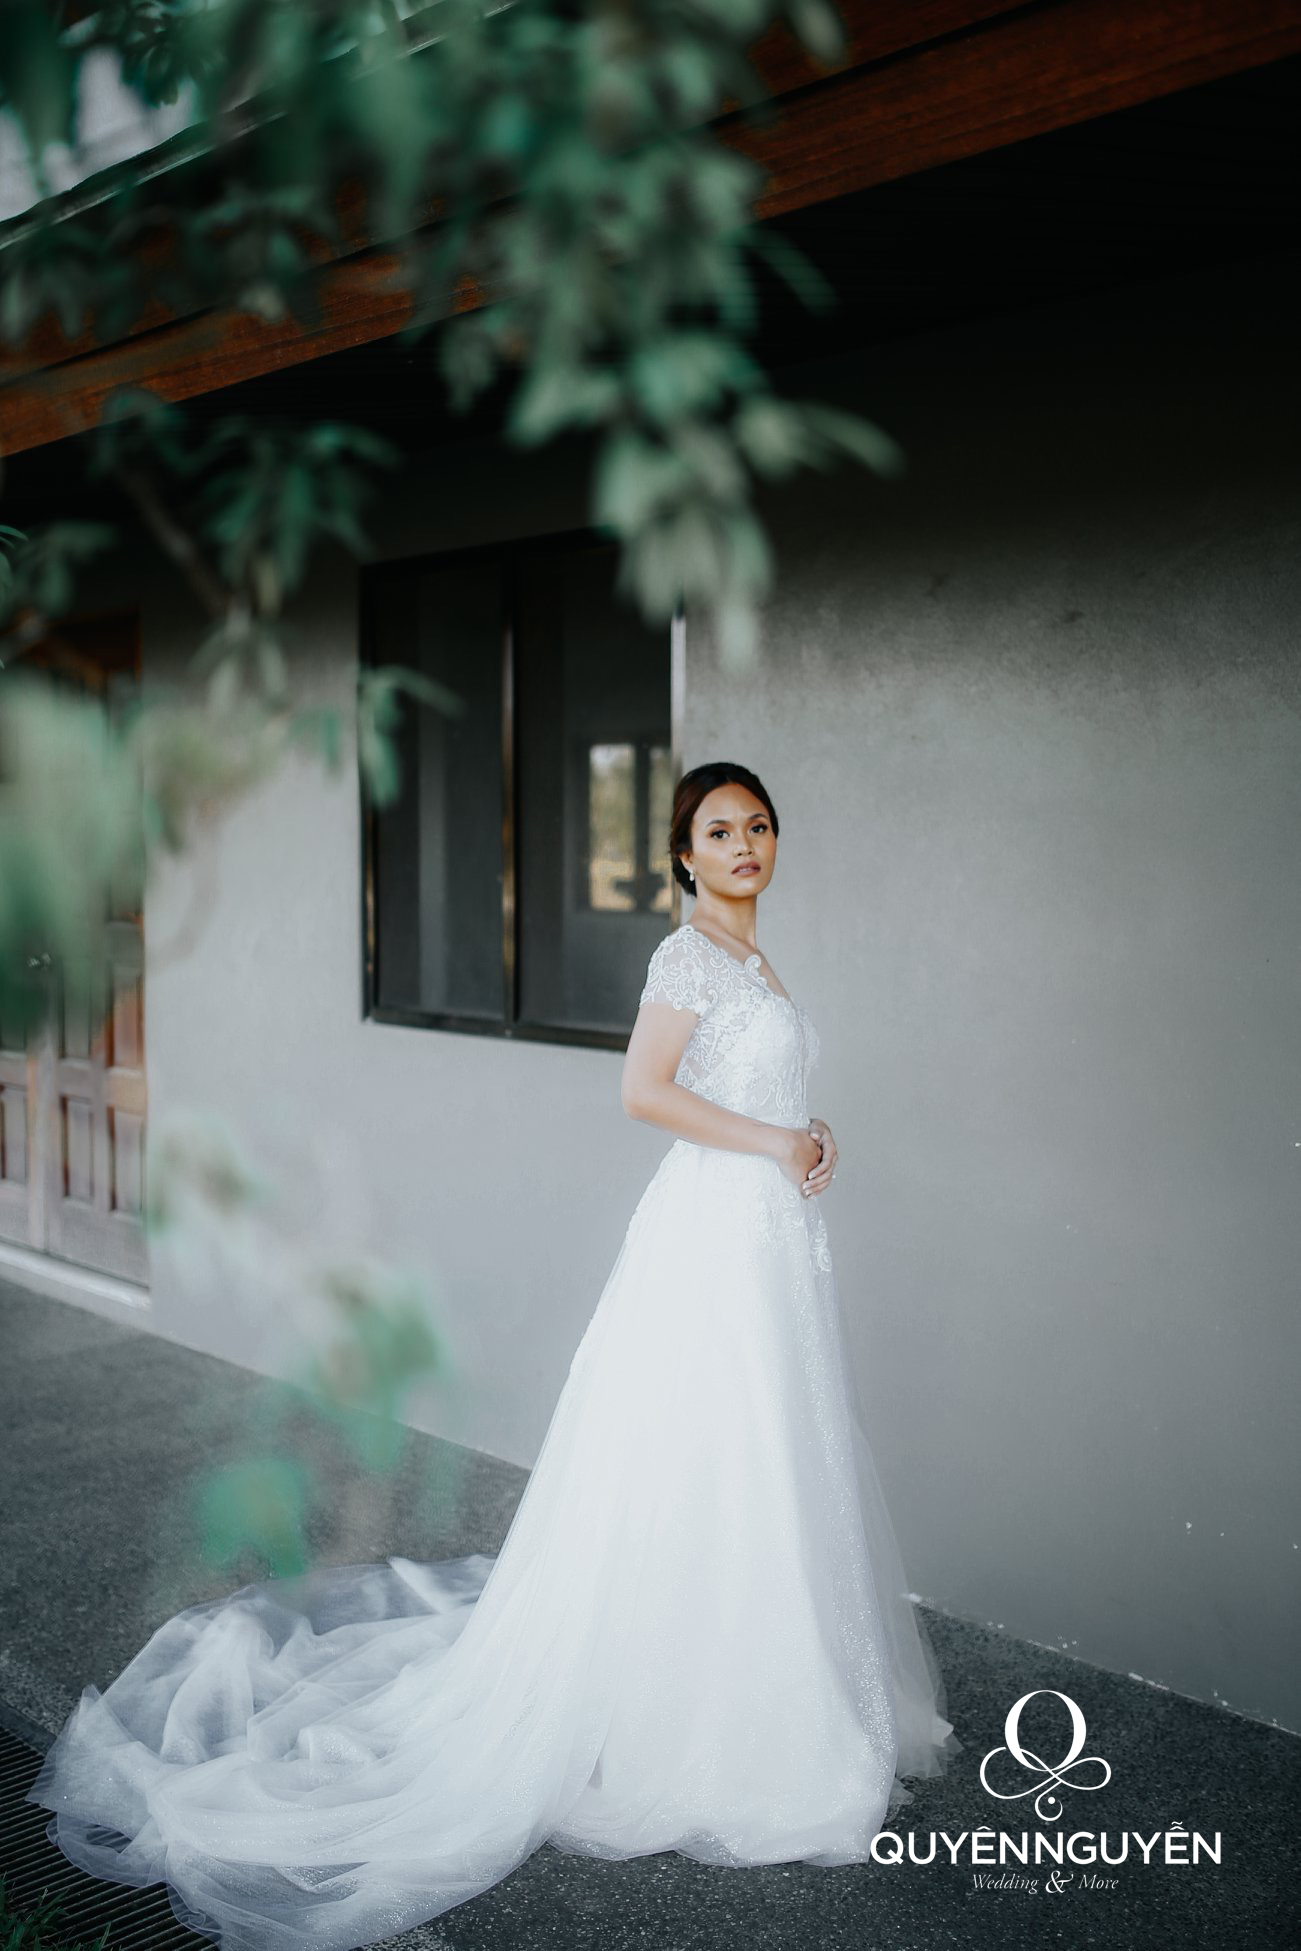 Váy cưới do Quyên Nguyễn thiết kế độc bản